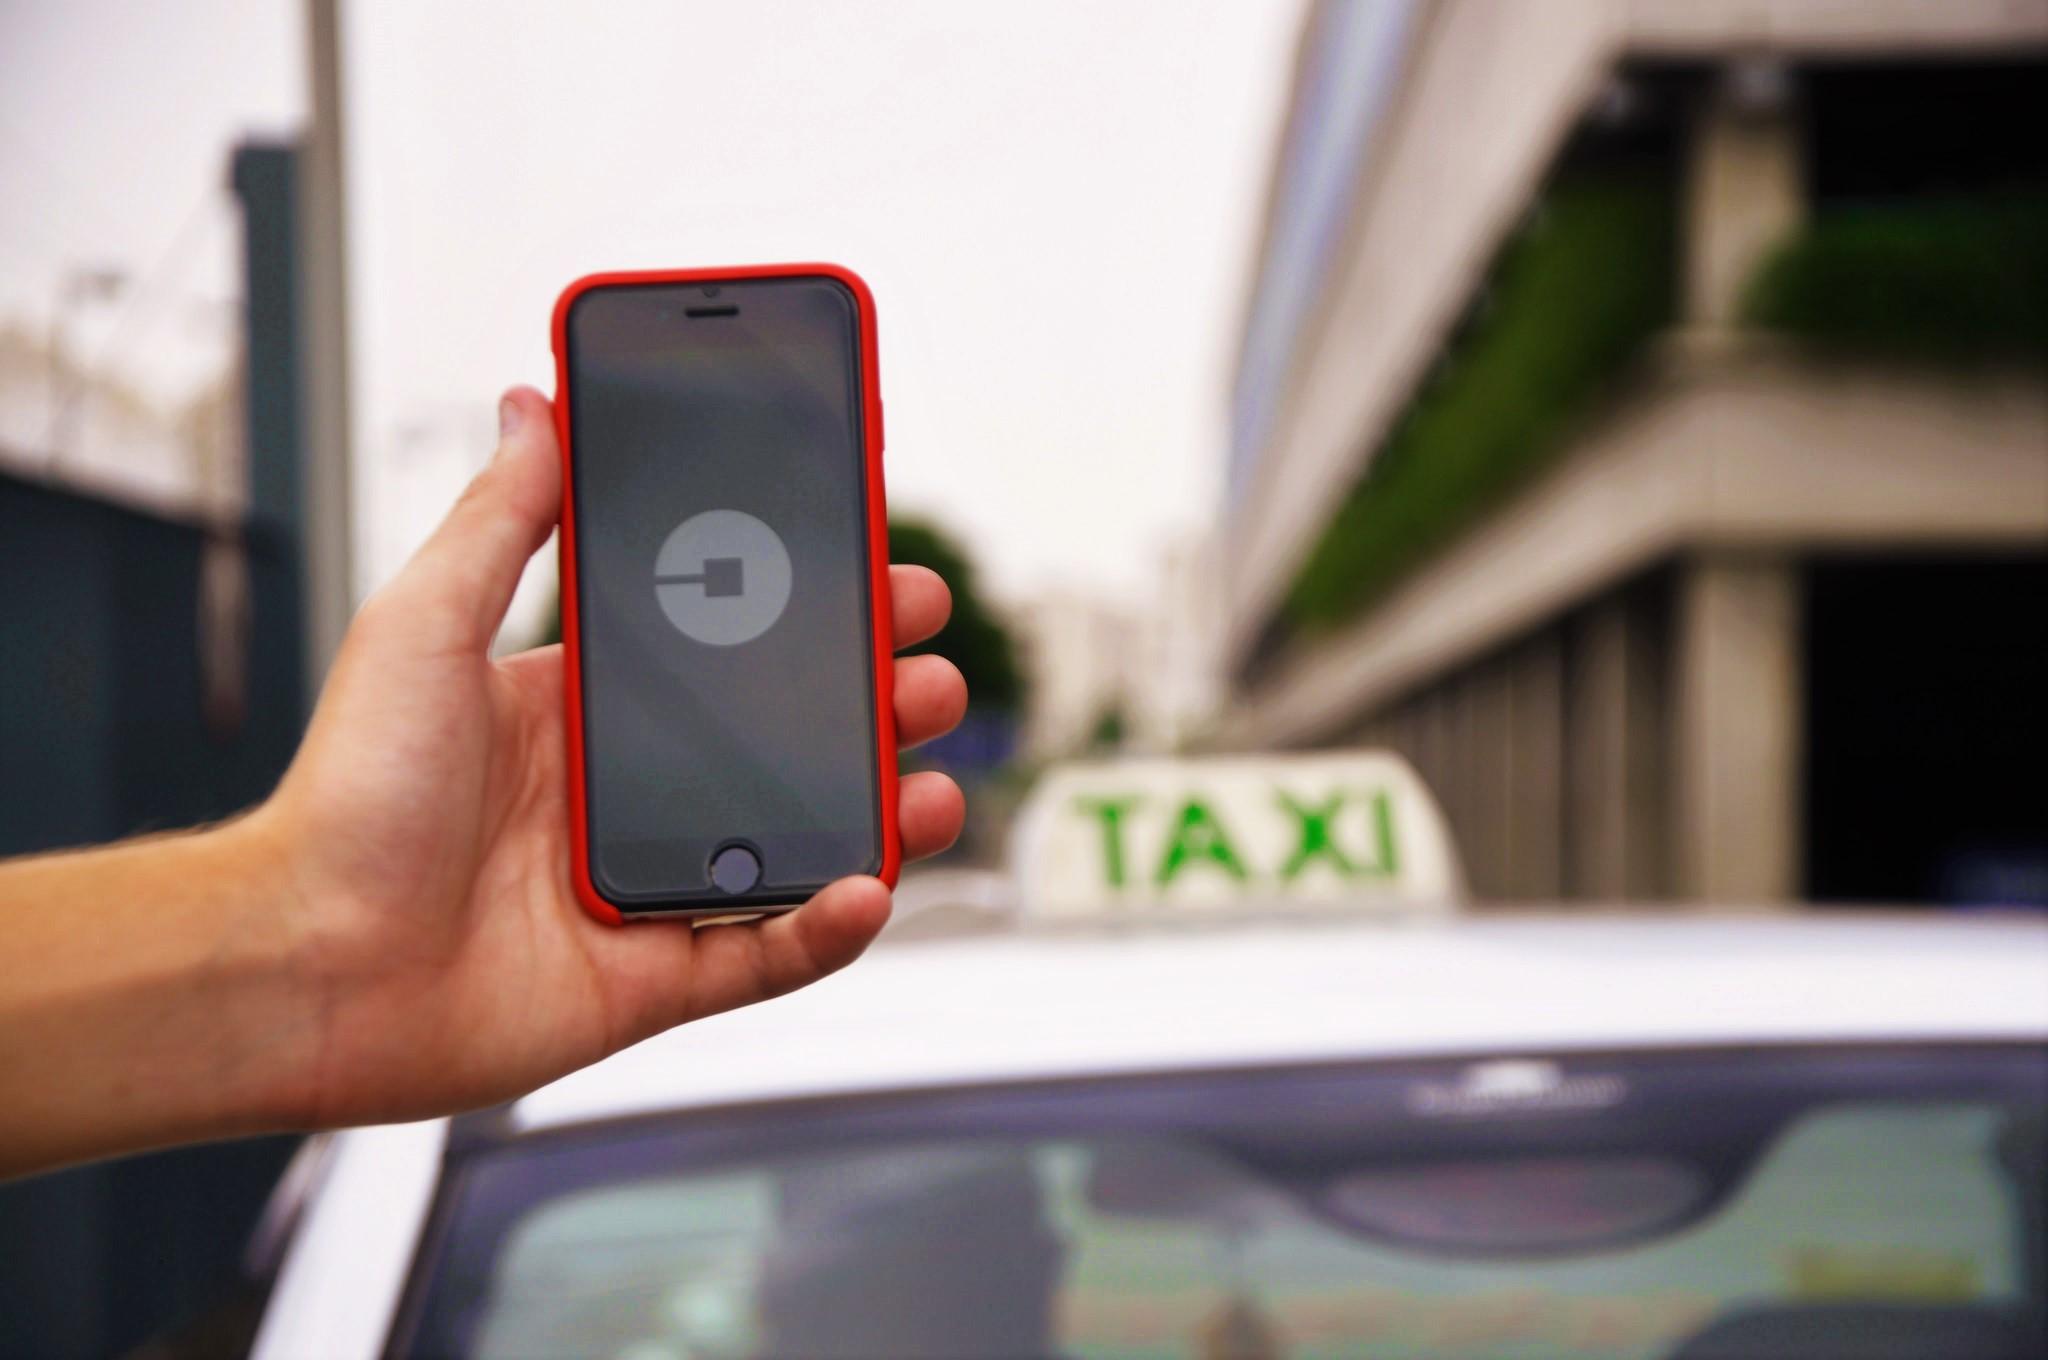 Uber e Cabify legalizadas até ao fim do ano. Legislação já está finalizada